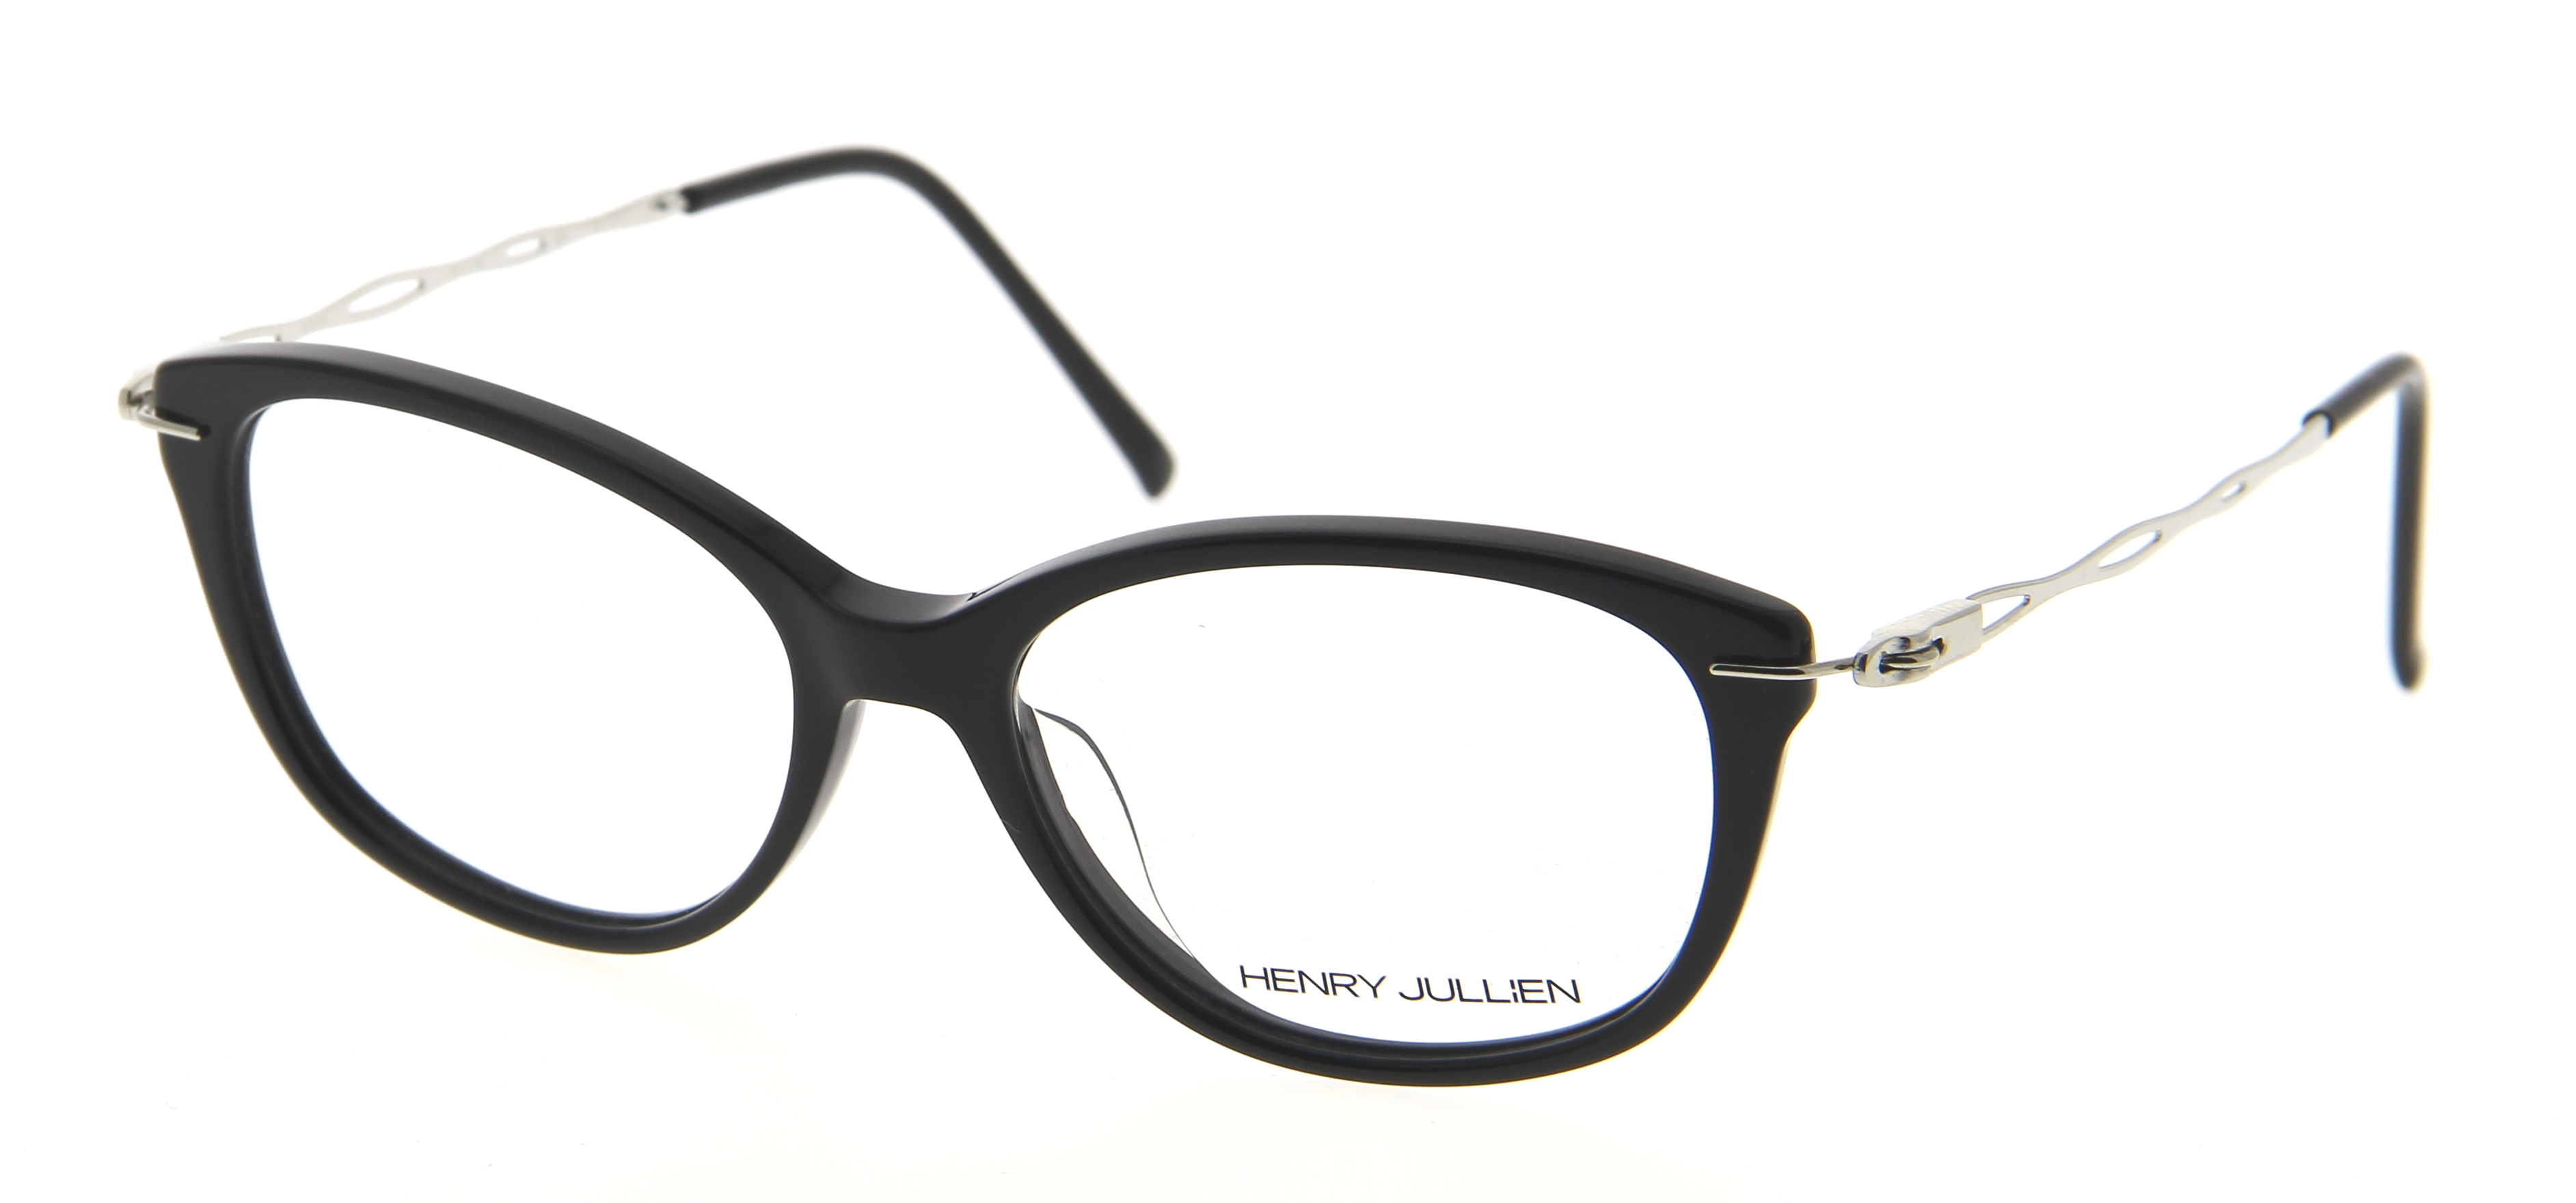 88cd5b0b1de Miu Miu First Copy Goggles For Women Online Shopping In India ...